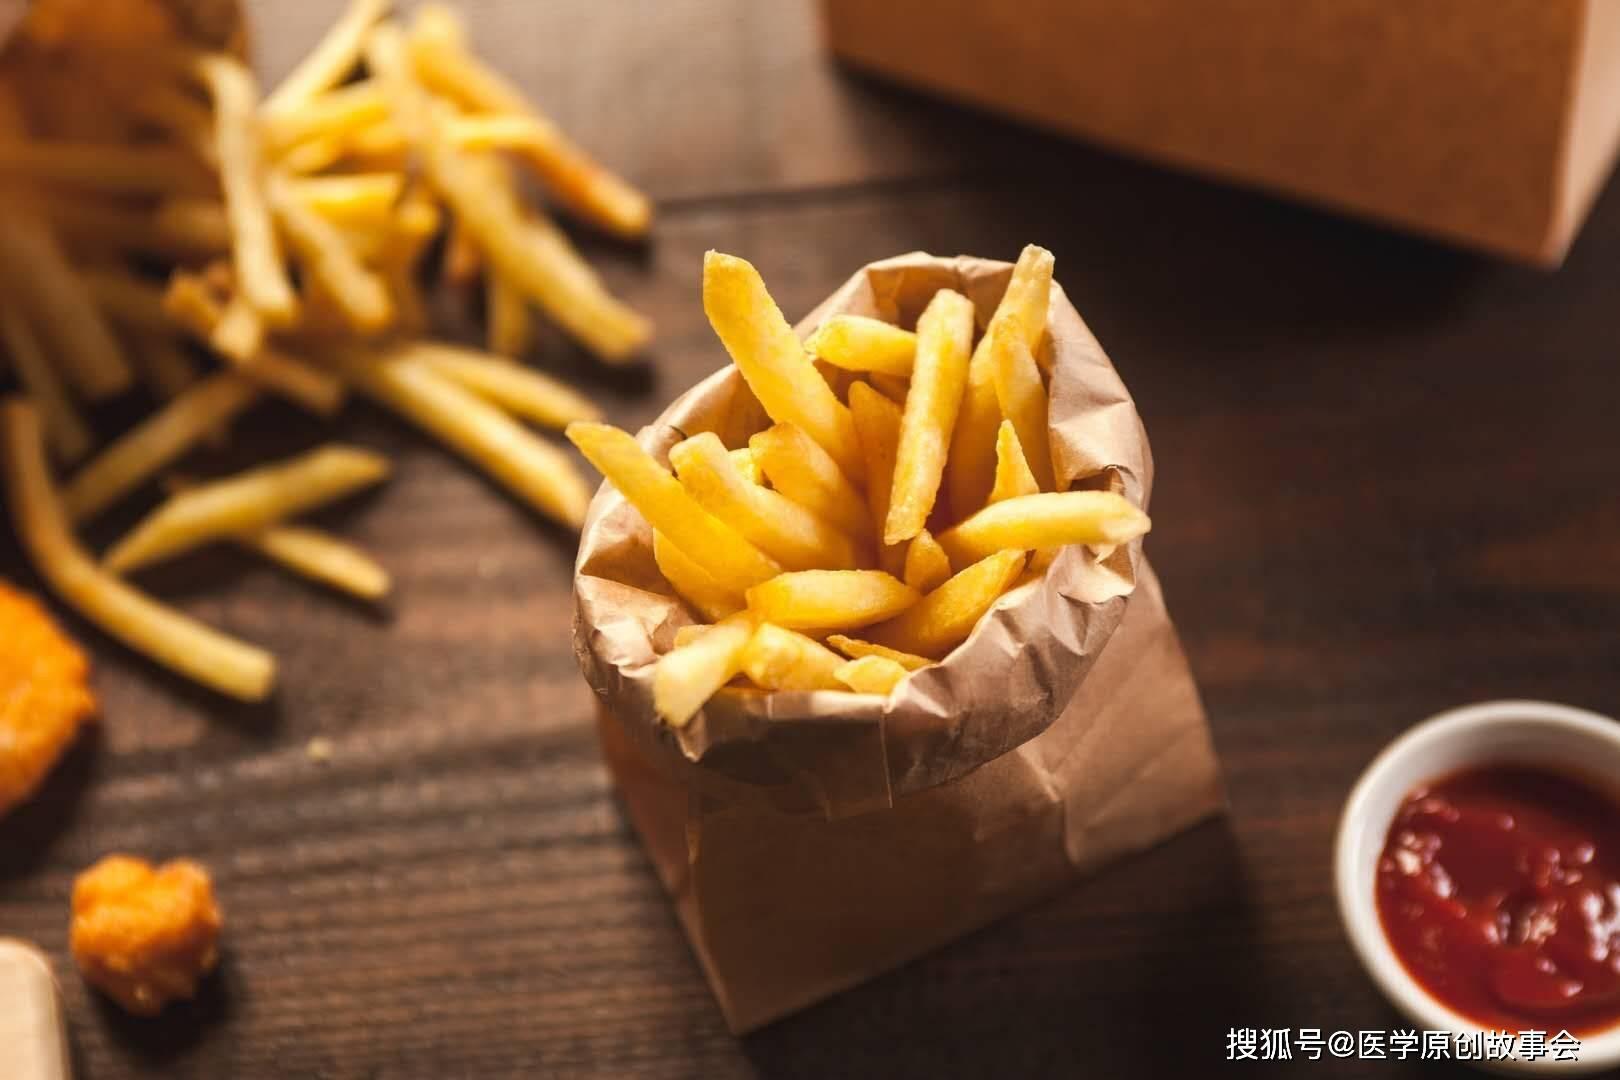 原来糖尿病的罪魁祸首终于找到了。为了远离糖尿病,最好从桌子上拿走六种食物